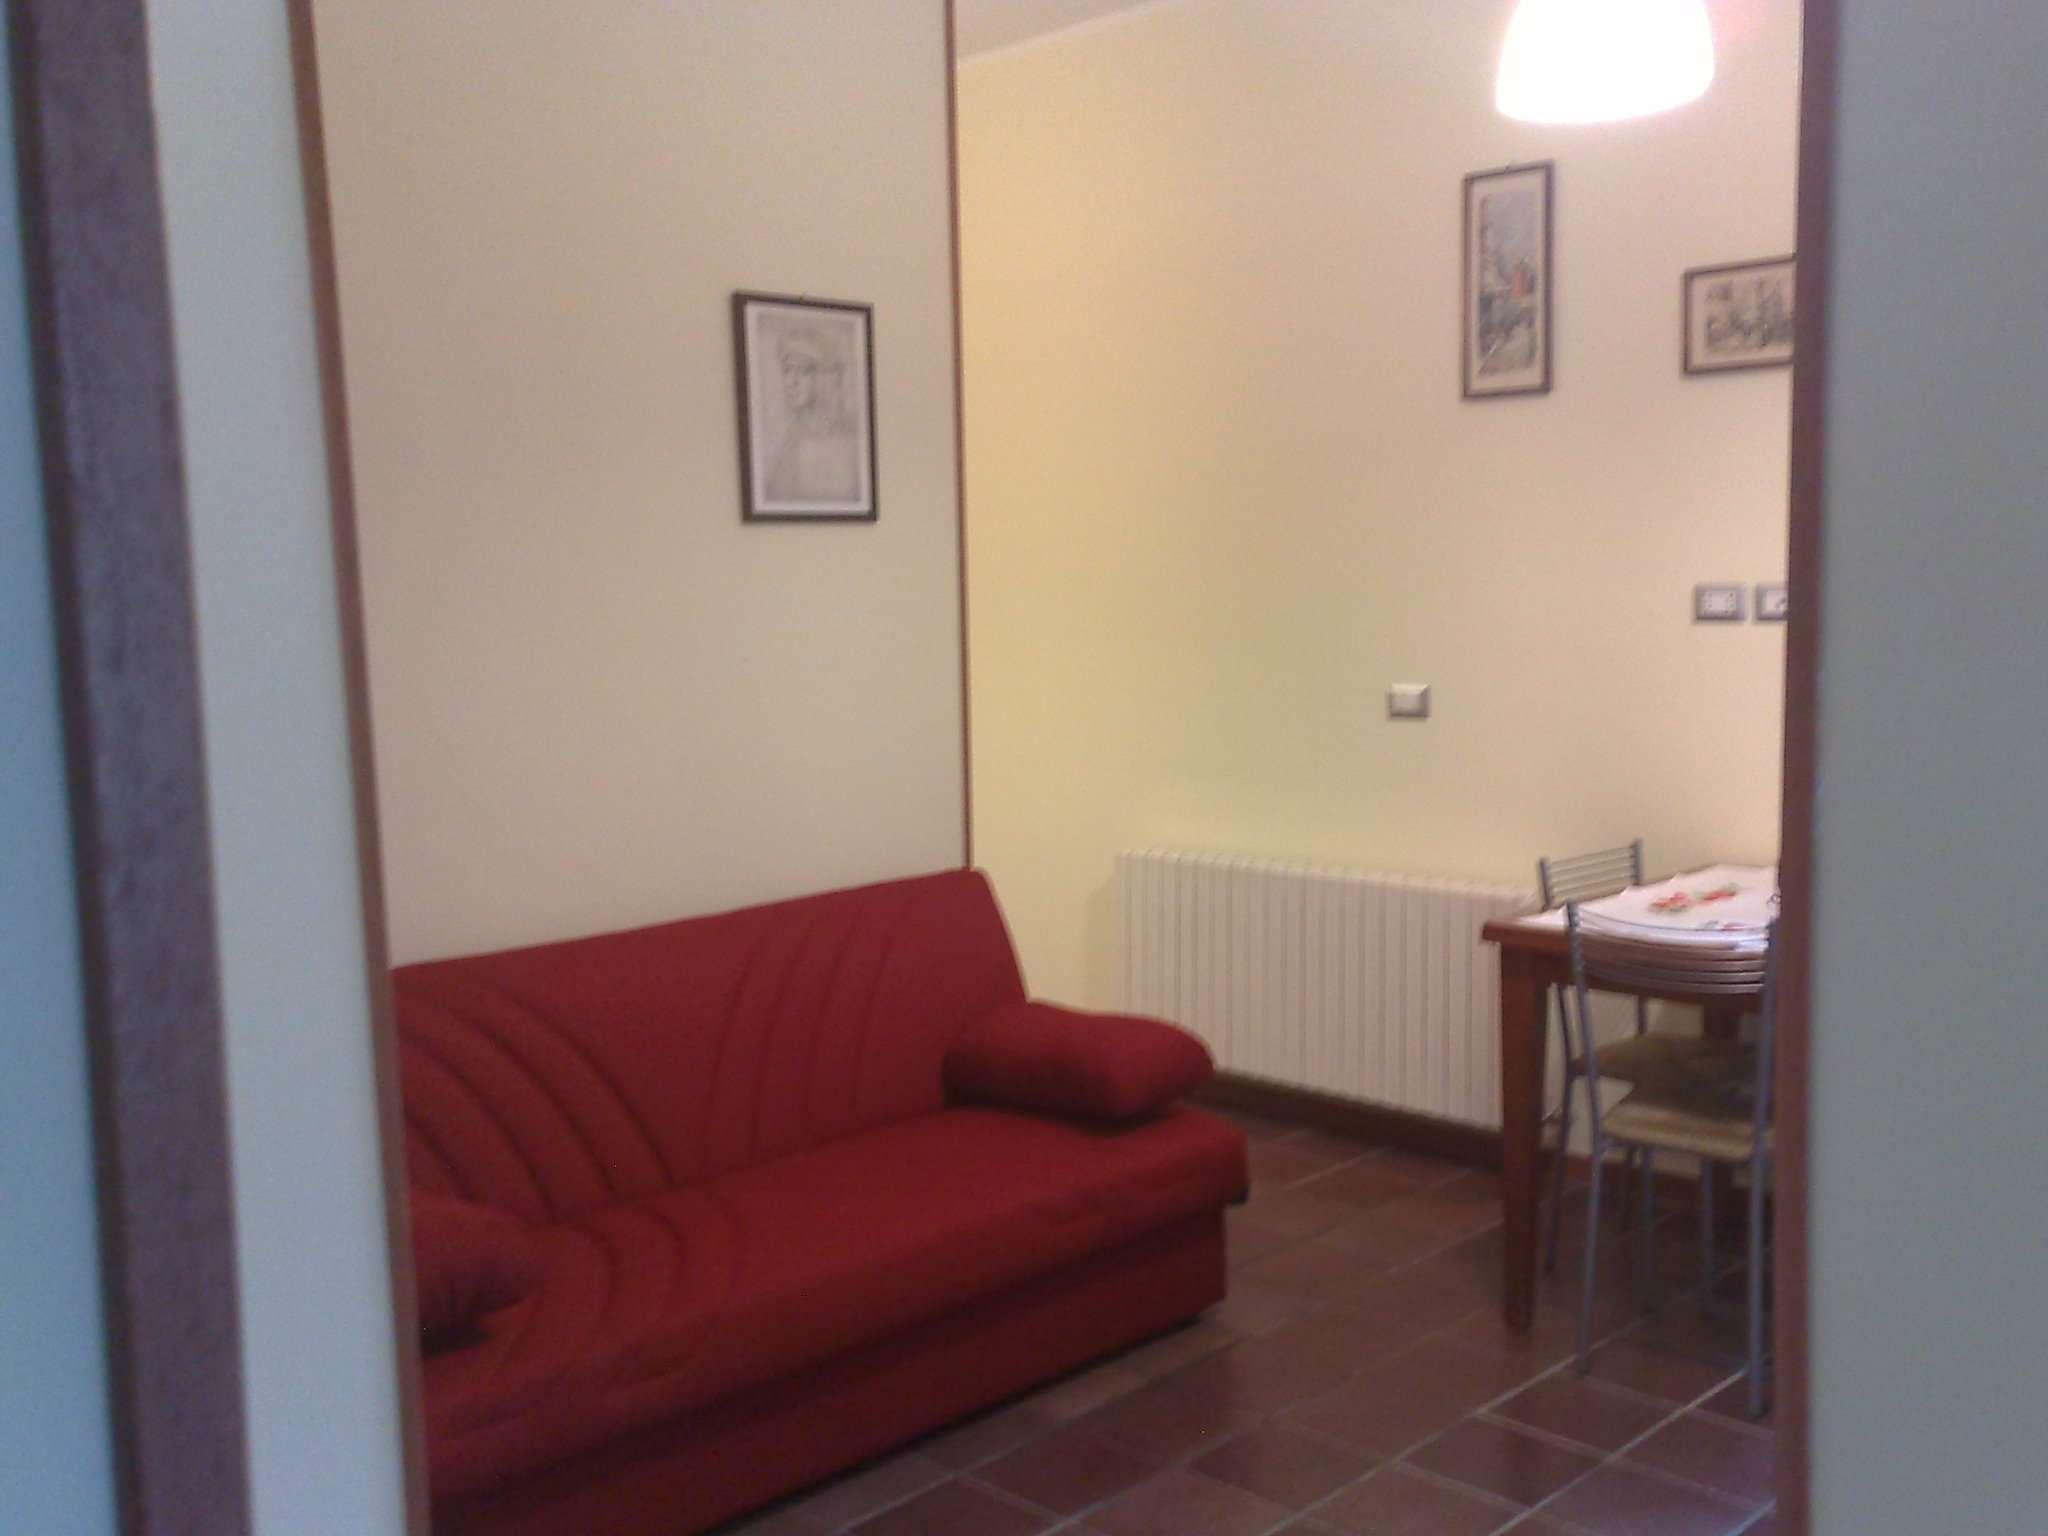 Appartamento in vendita a Tortoreto, 9999 locali, prezzo € 55.000 | CambioCasa.it